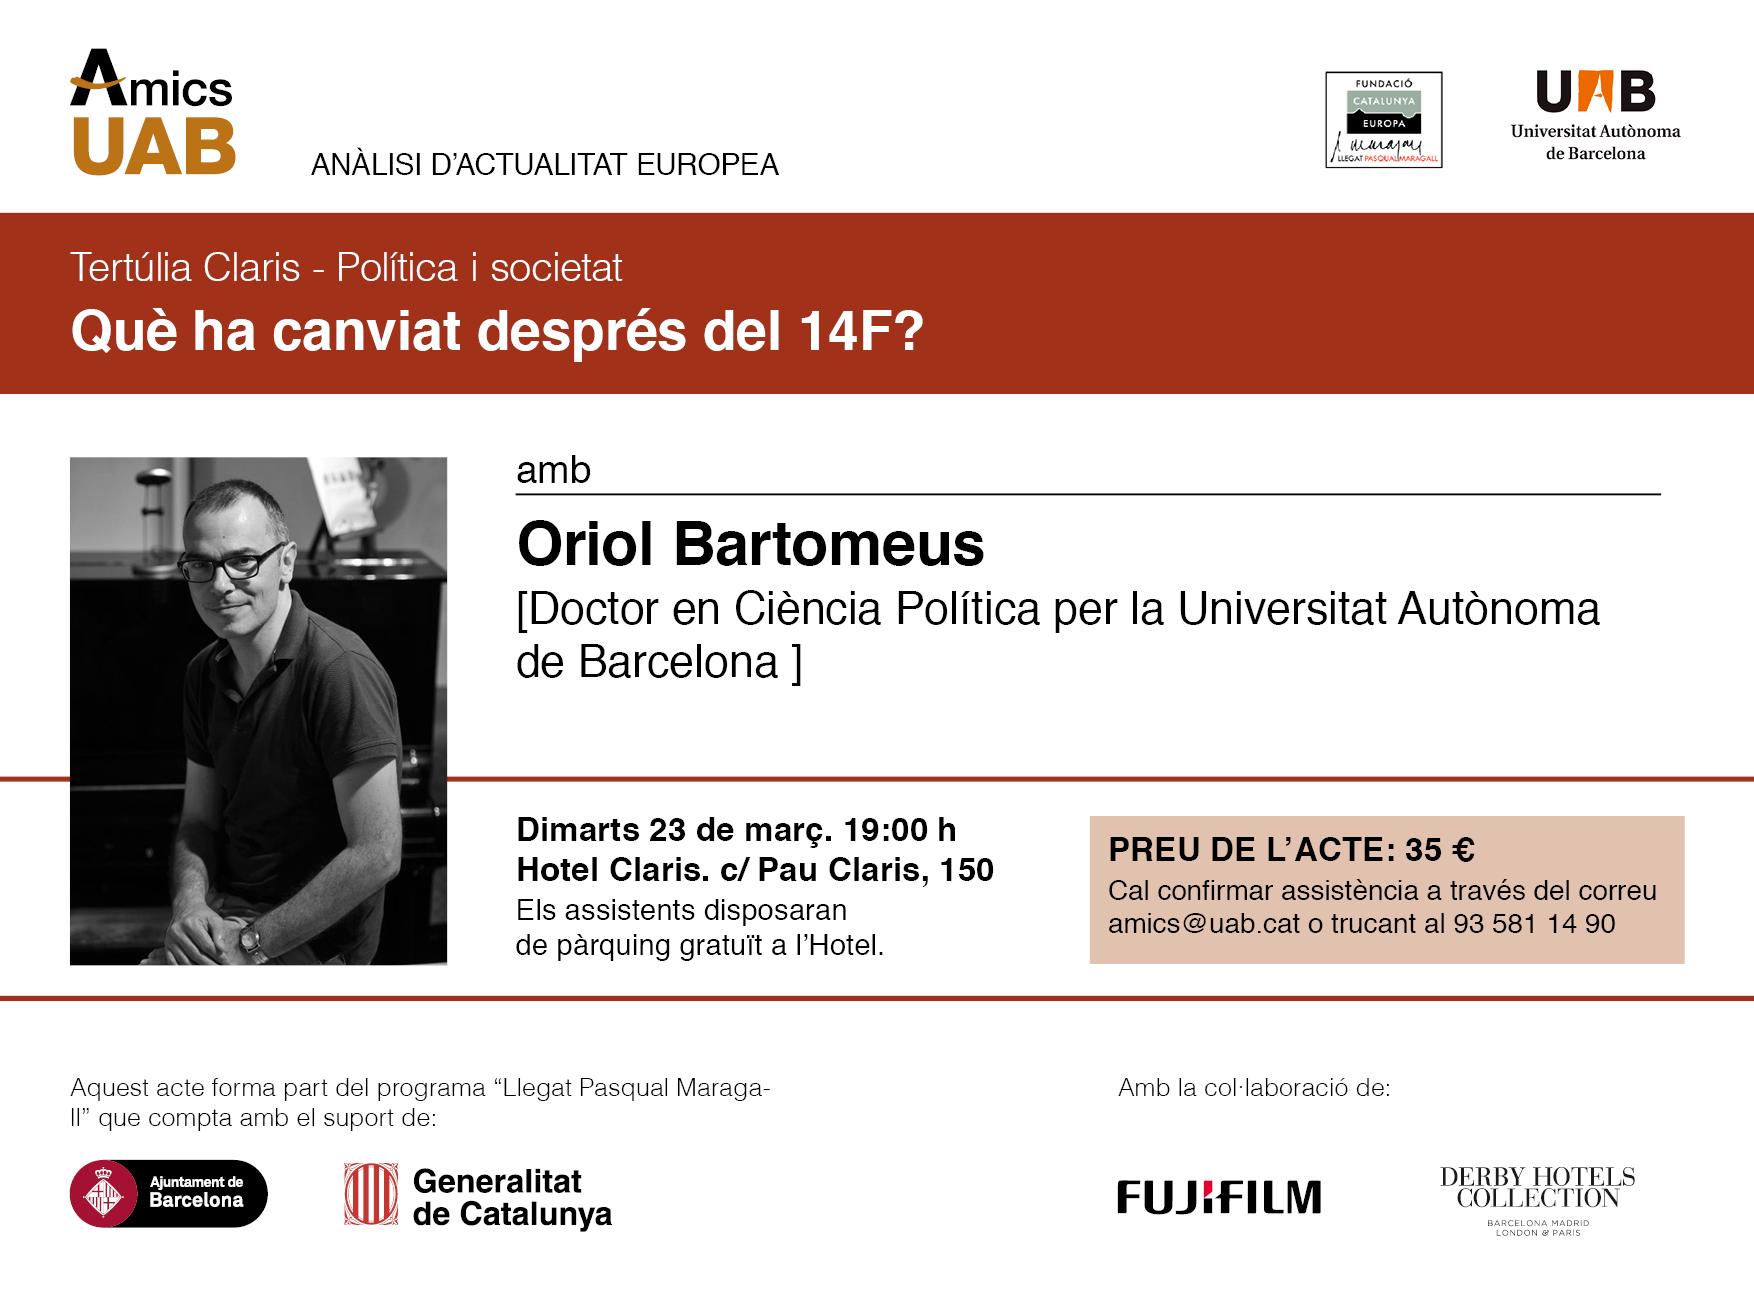 Oriol Bartomeus